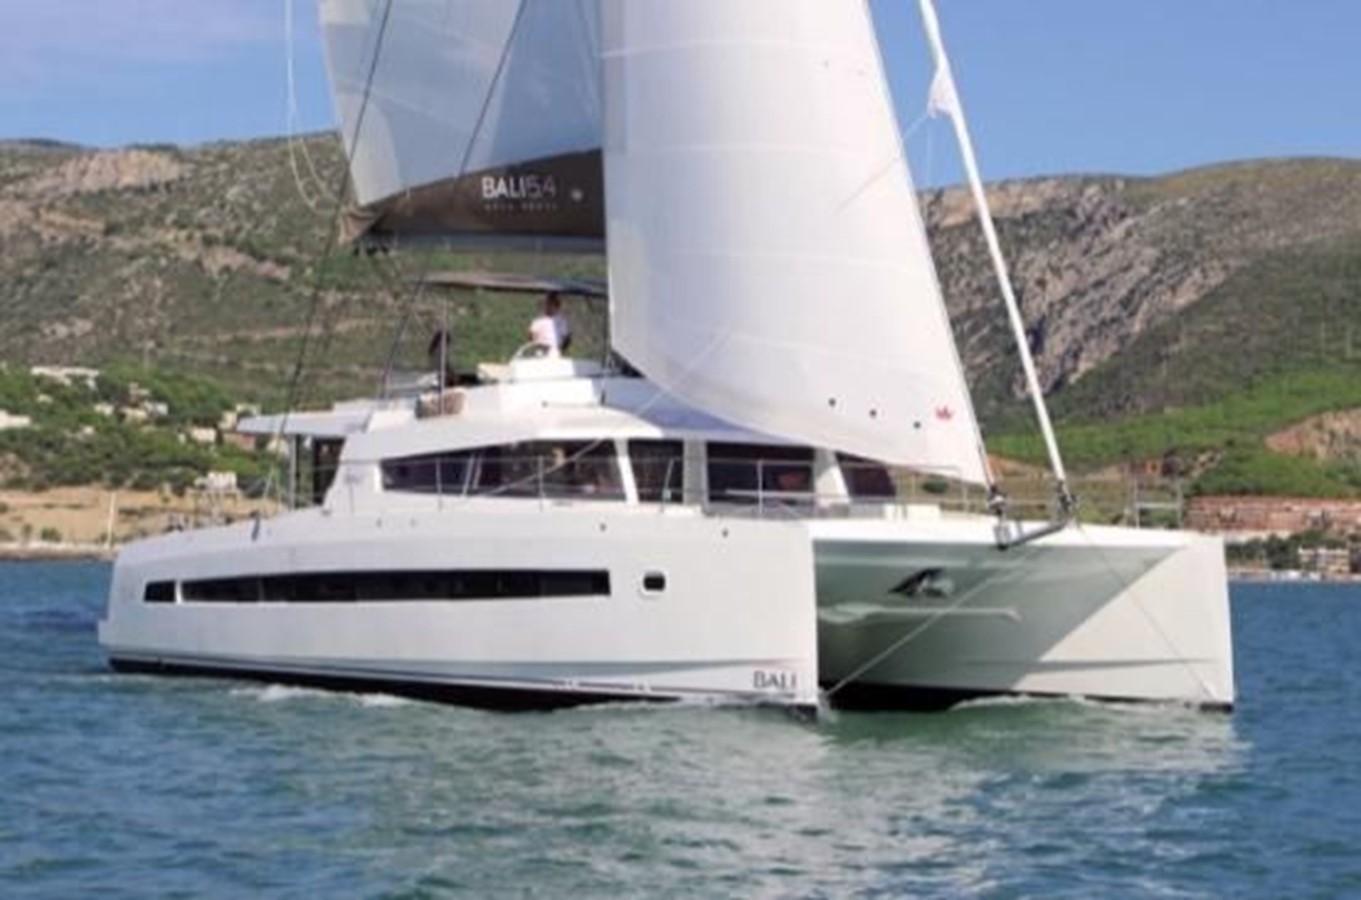 2019 CATANA Bali 5.4 Catamaran 2607487